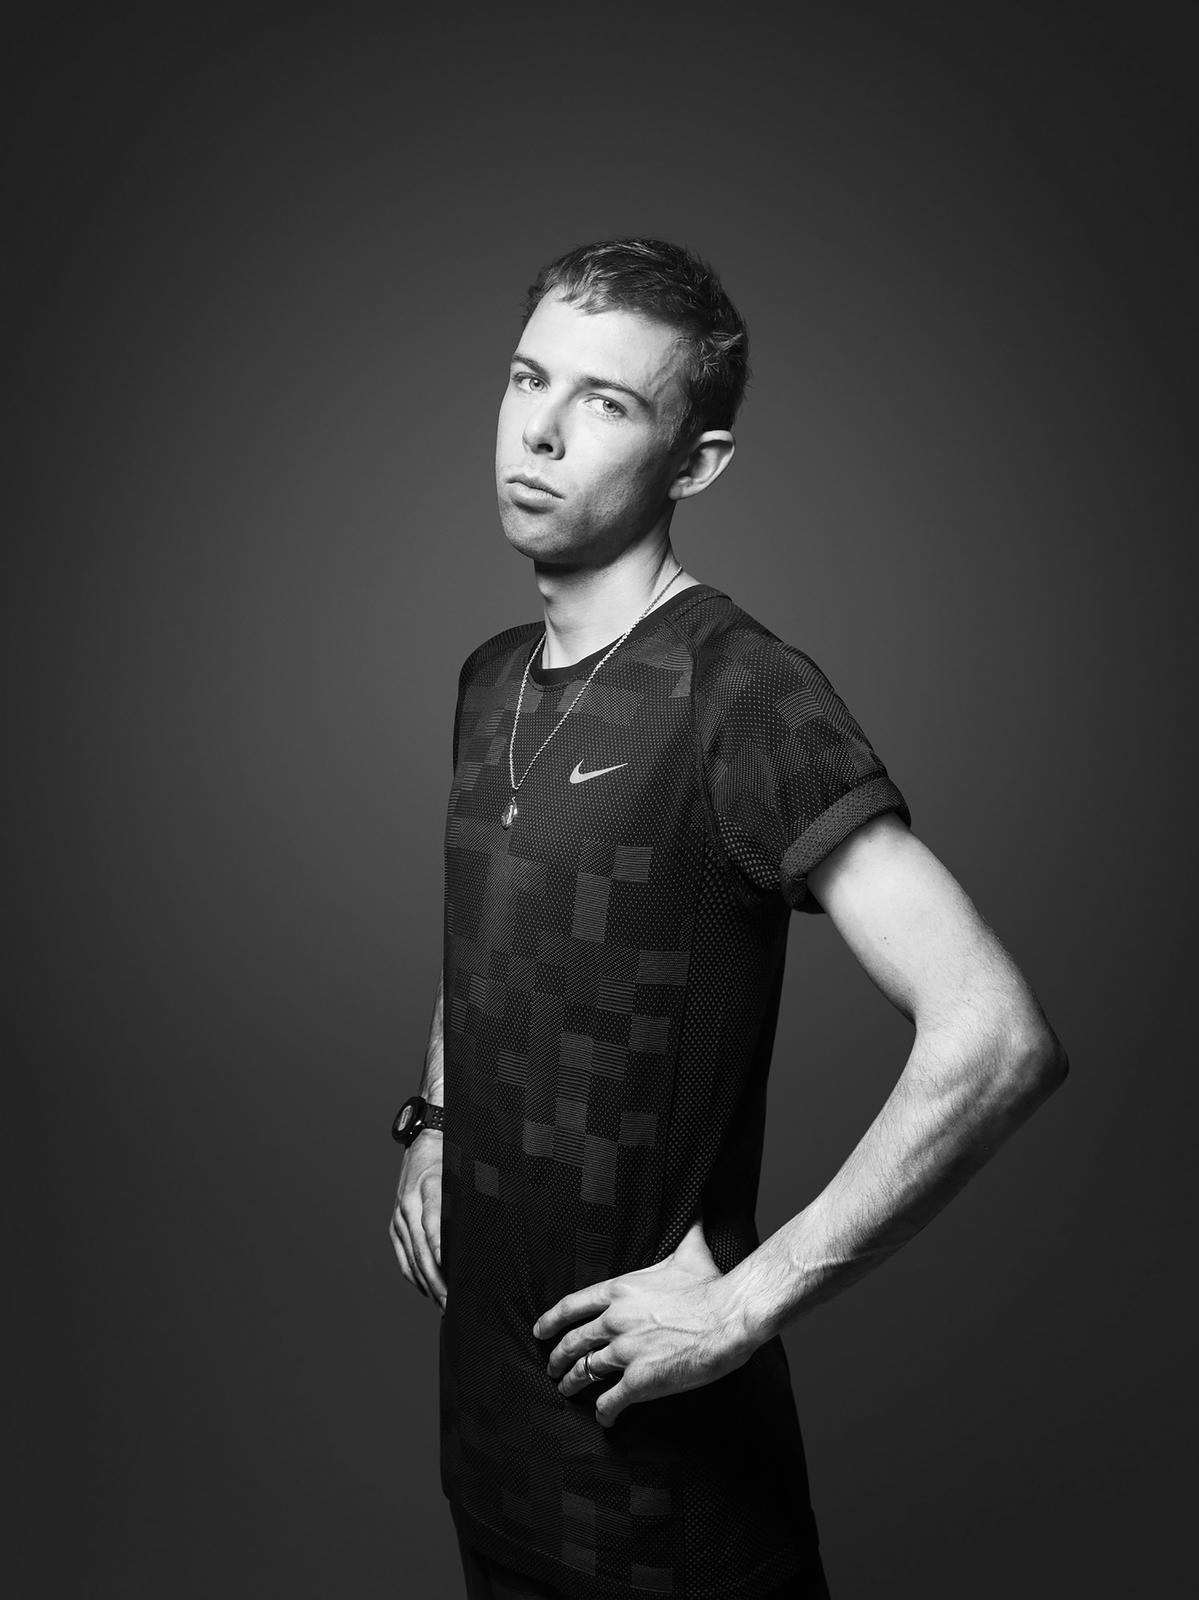 Galen.Rupp.Nike Legion Of Zoom